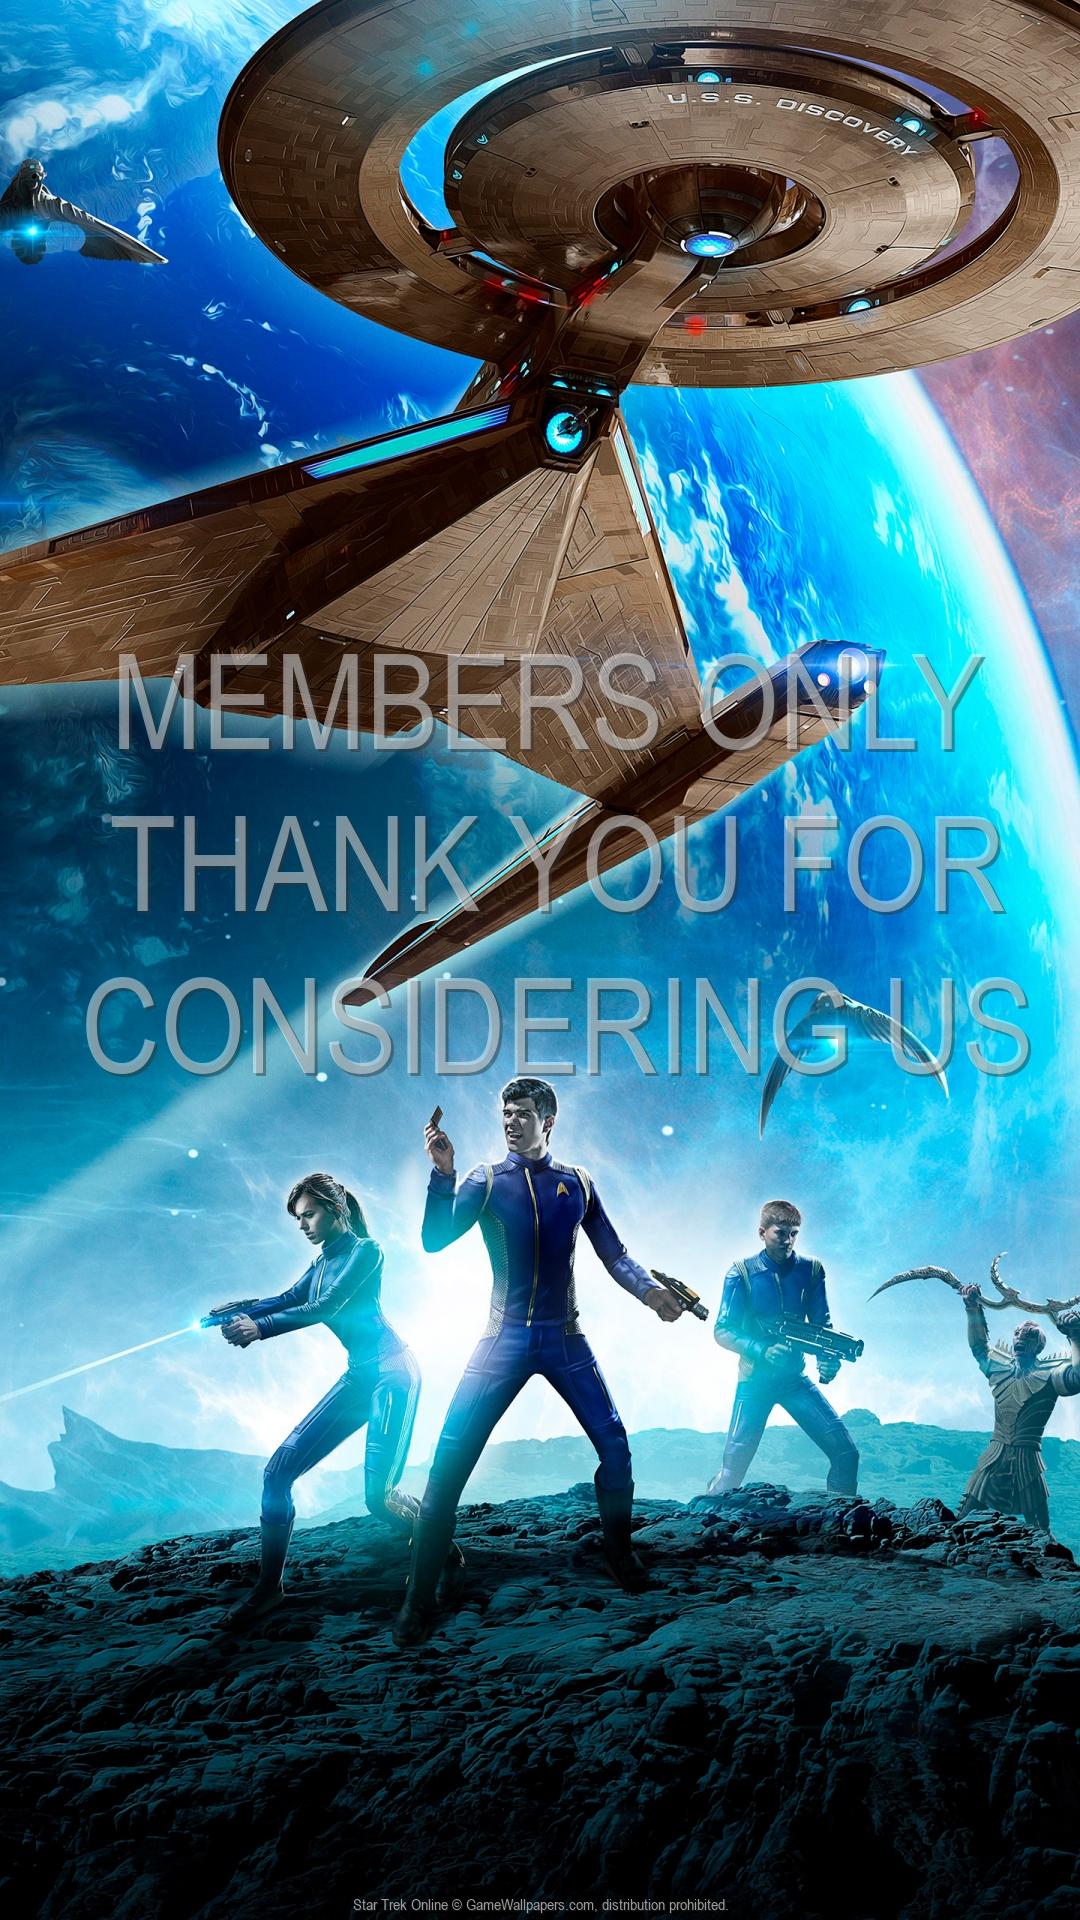 Star Trek Online 1920x1080 Mobile wallpaper or background 07